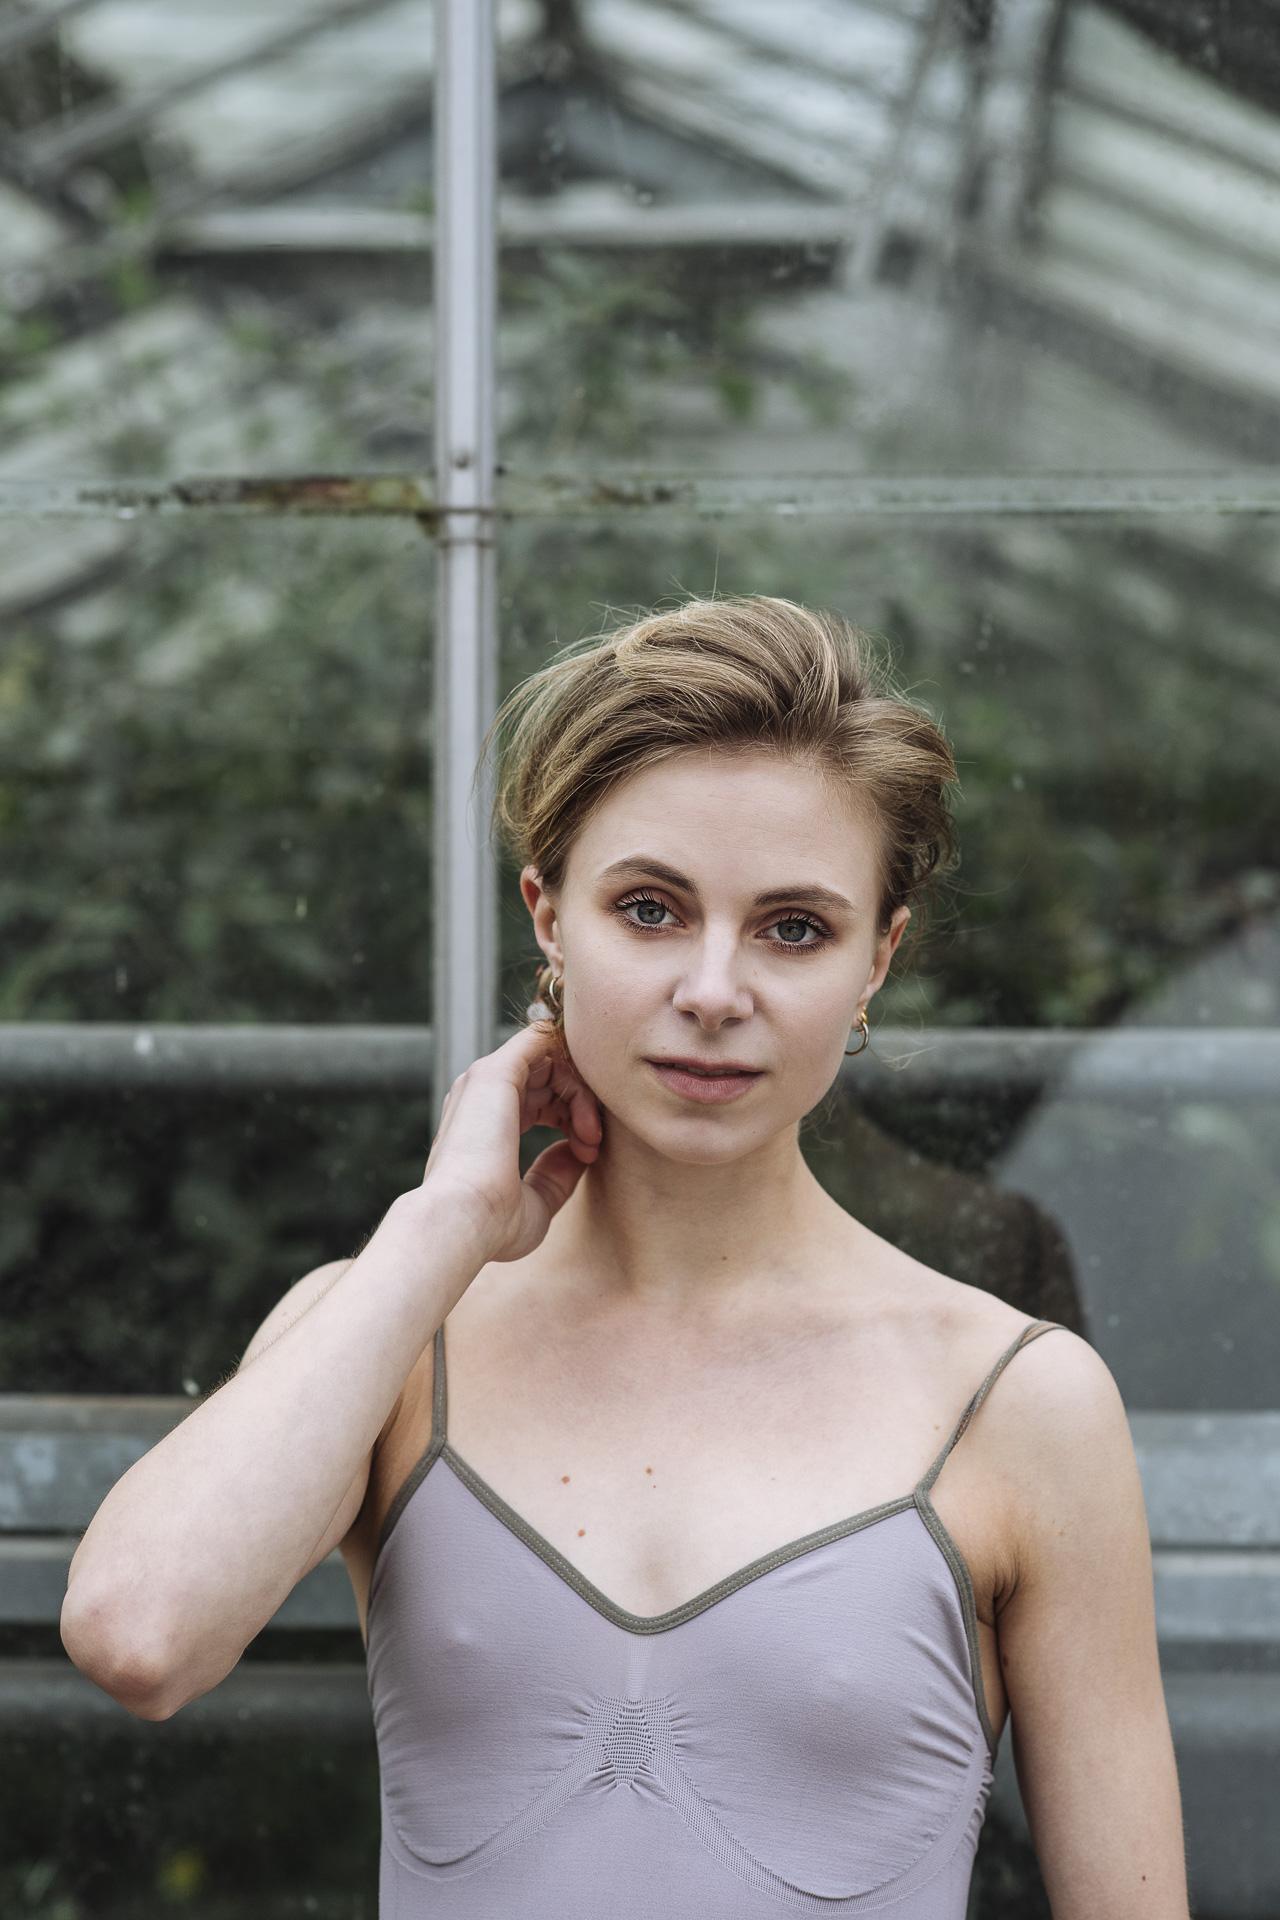 Selina_Meier_Portrait_031.jpg